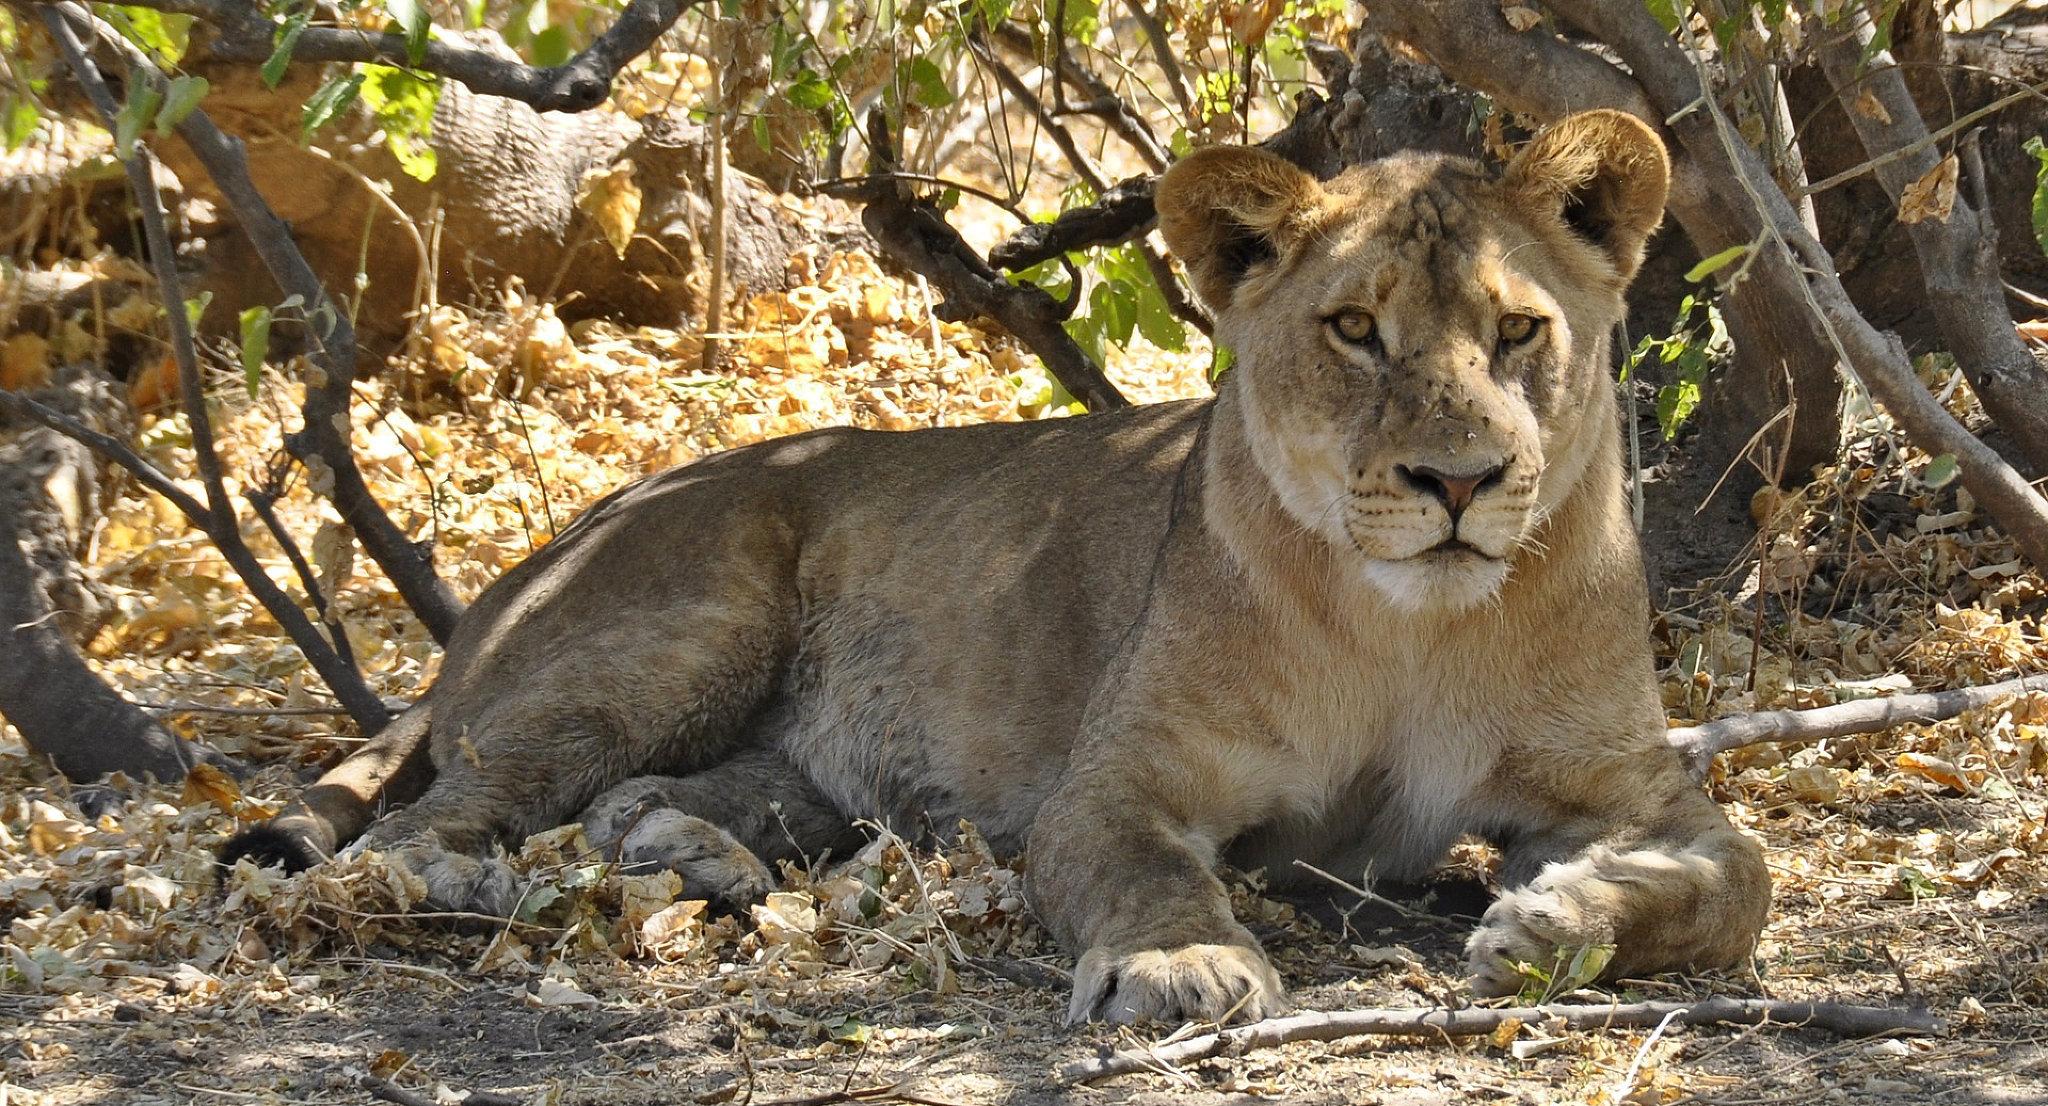 Un leone in attesa di cacciare la preda